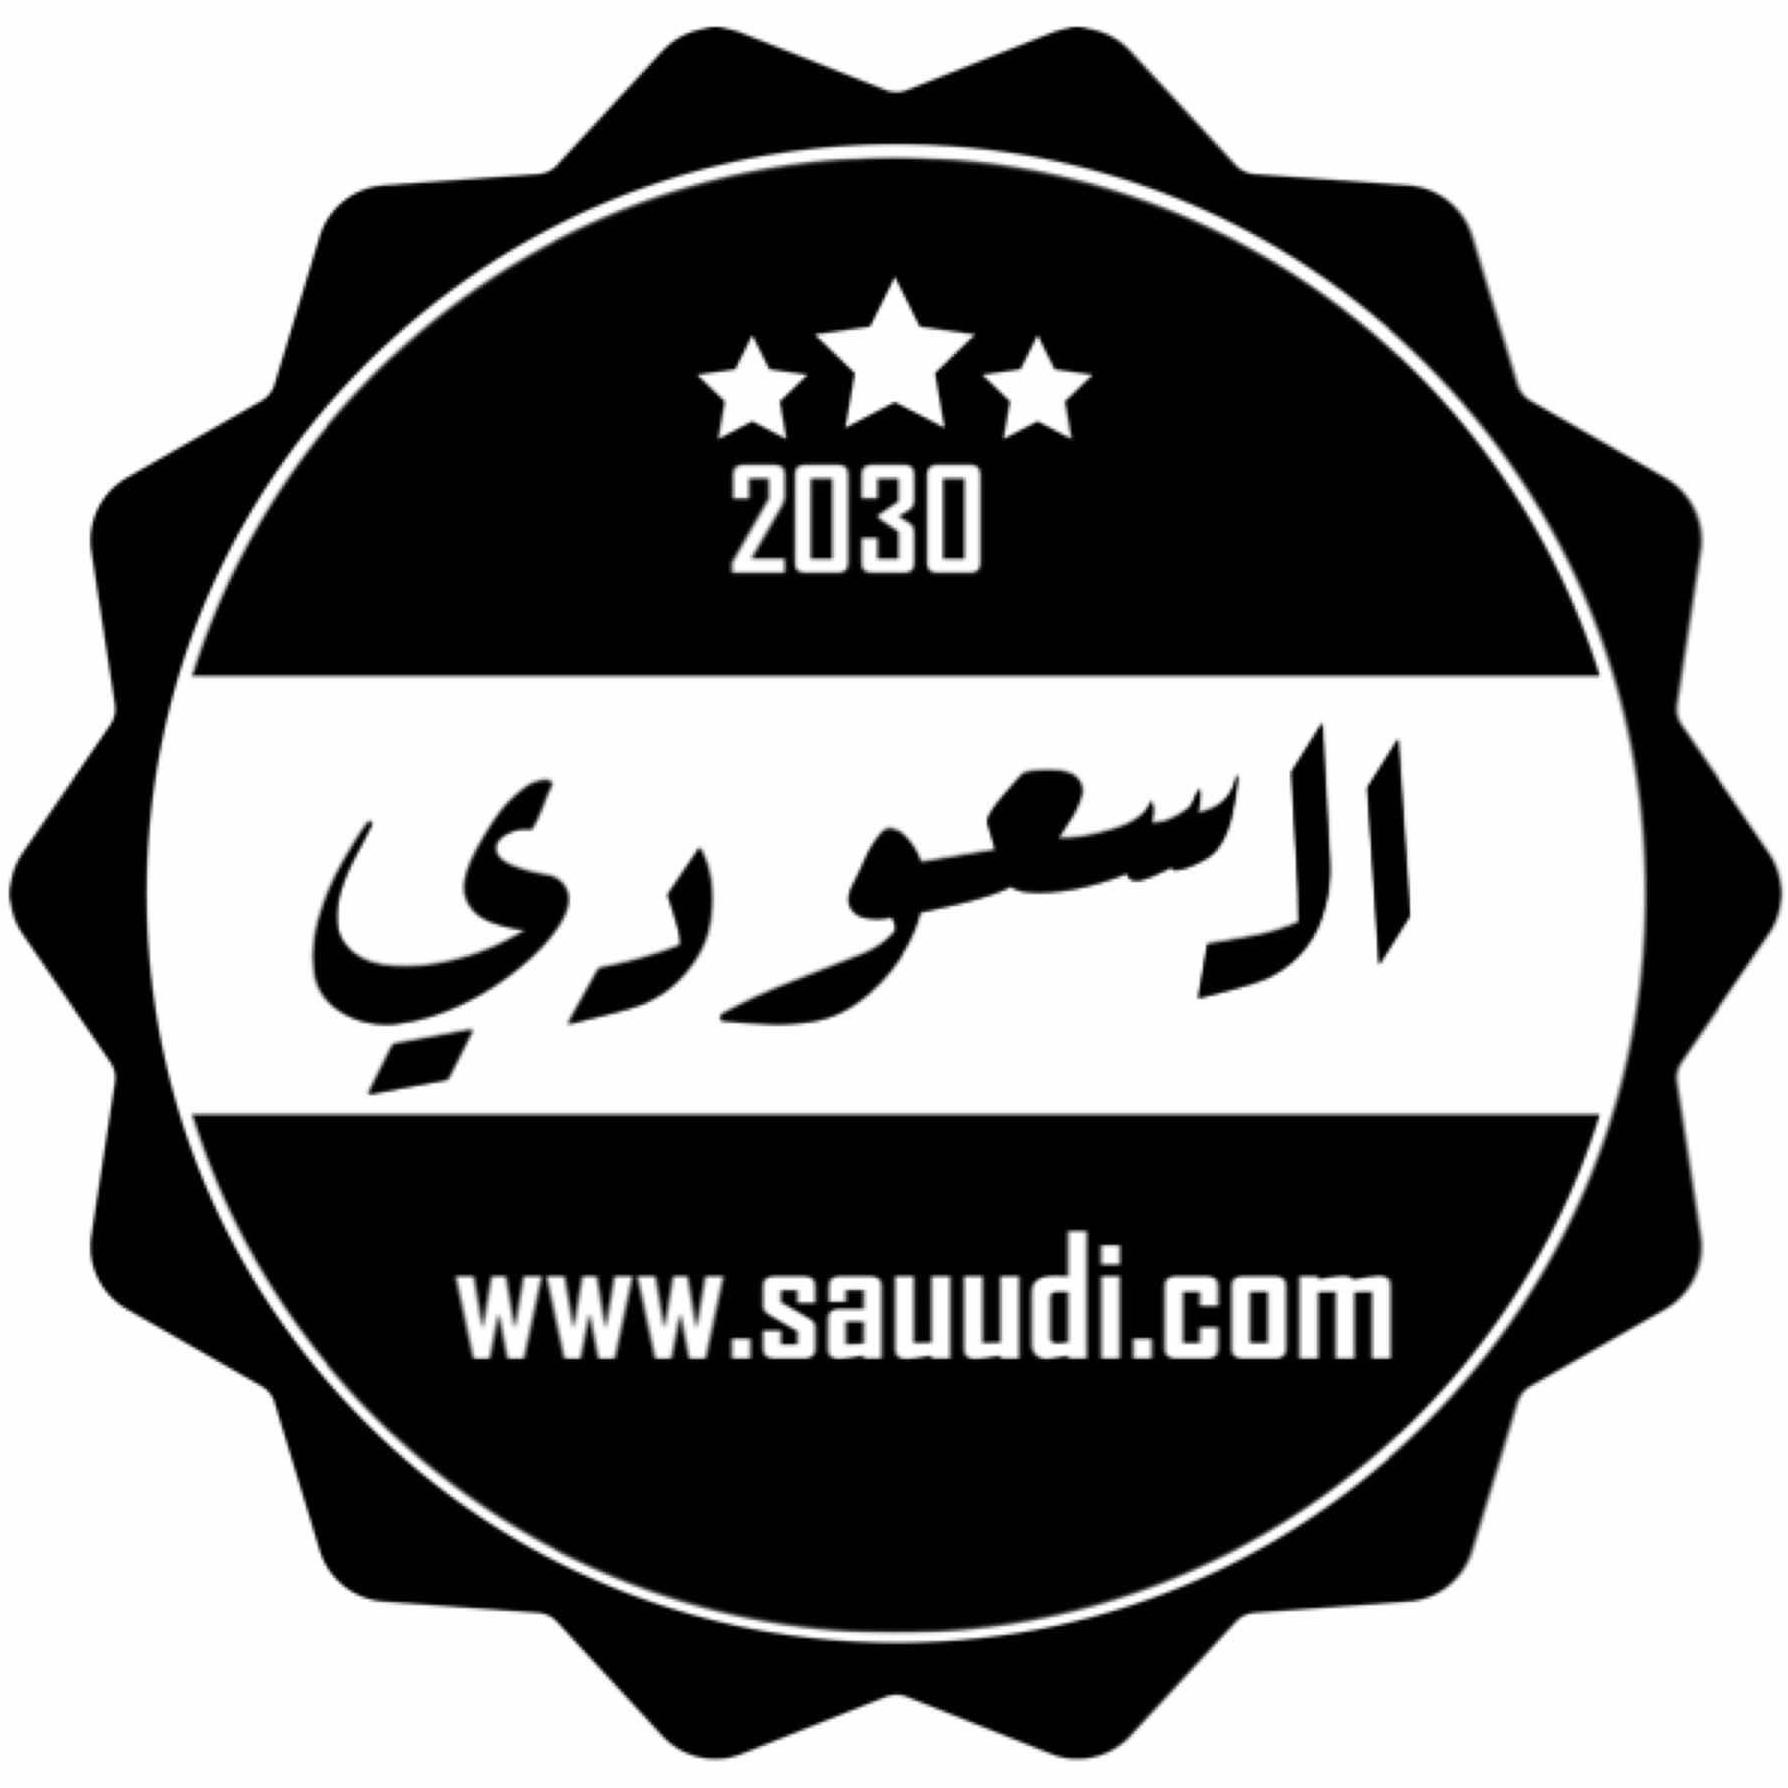 السعودي للخدمات الالكترونية